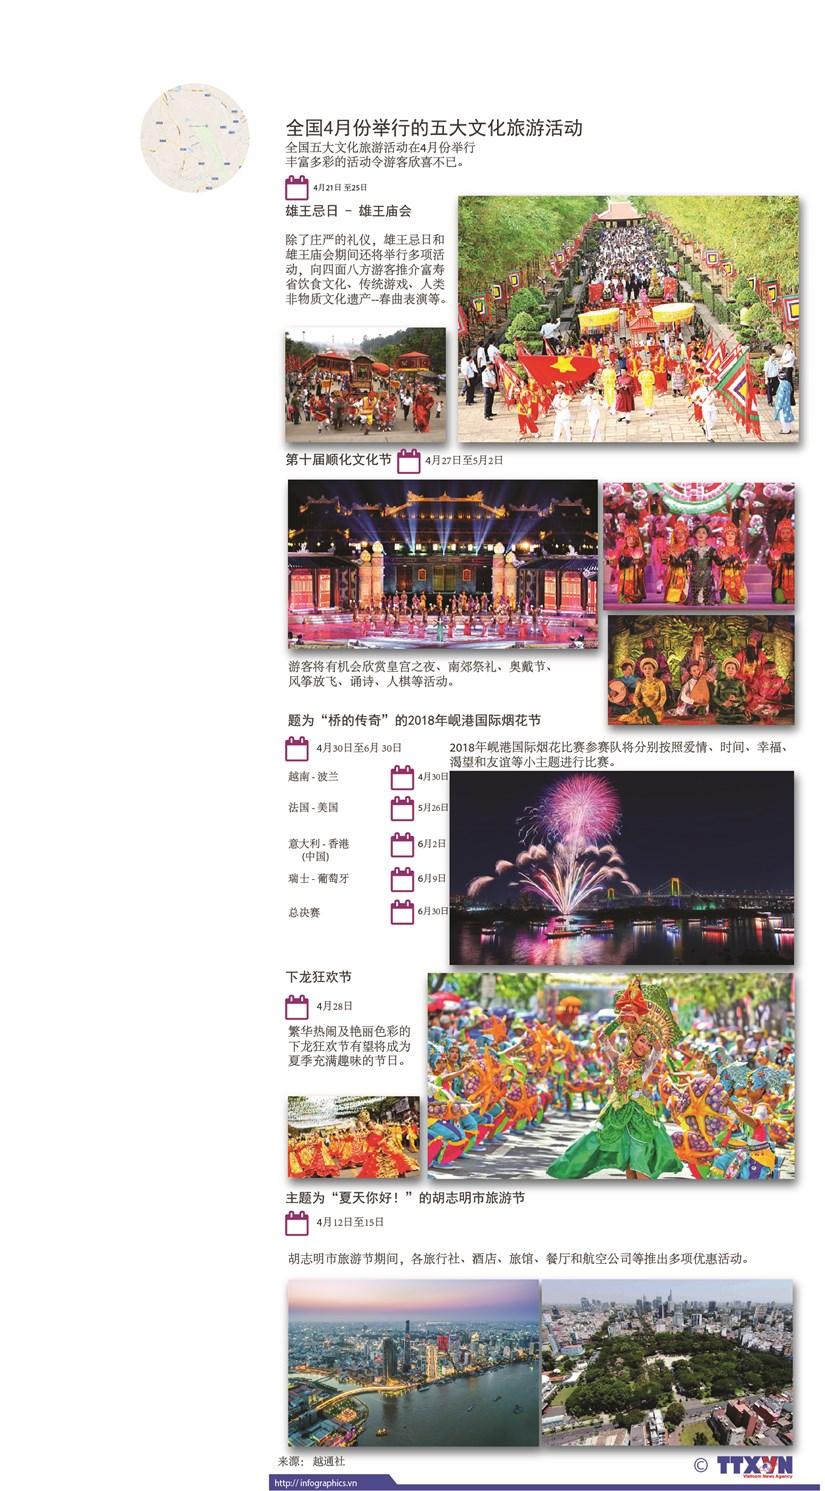 图表新闻:全国4月份举行的五大文化旅游活动 hinh anh 1